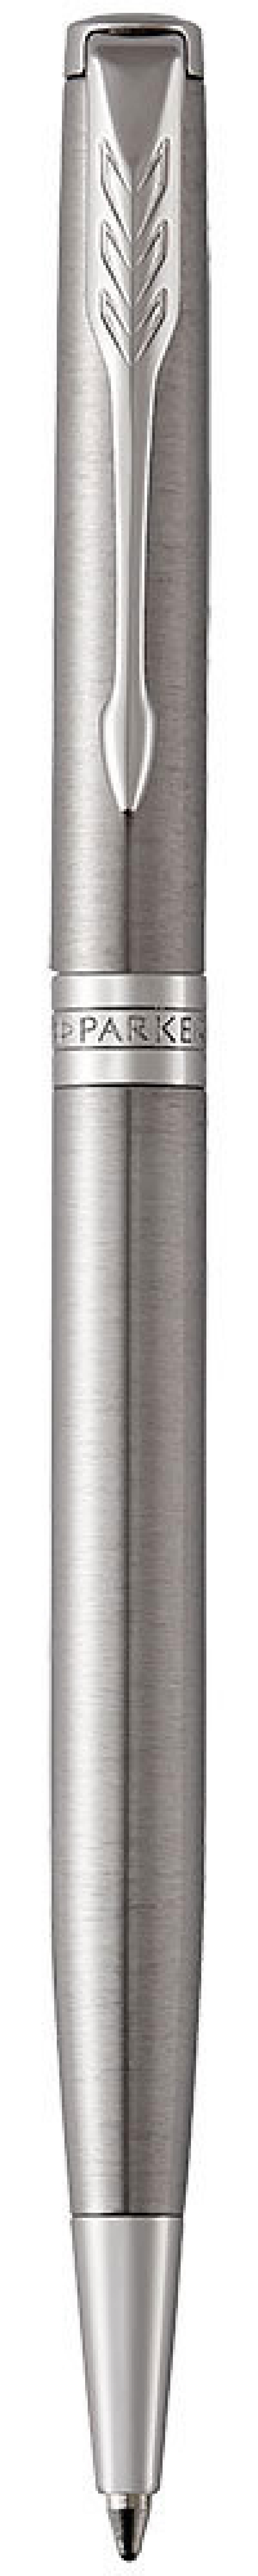 Шариковая ручка поворотная Parker Sonnet Core K426 Slim черный M 1931513 шариковая ручка поворотная parker sonnet core k527 stainless steel gt черный m 1931507